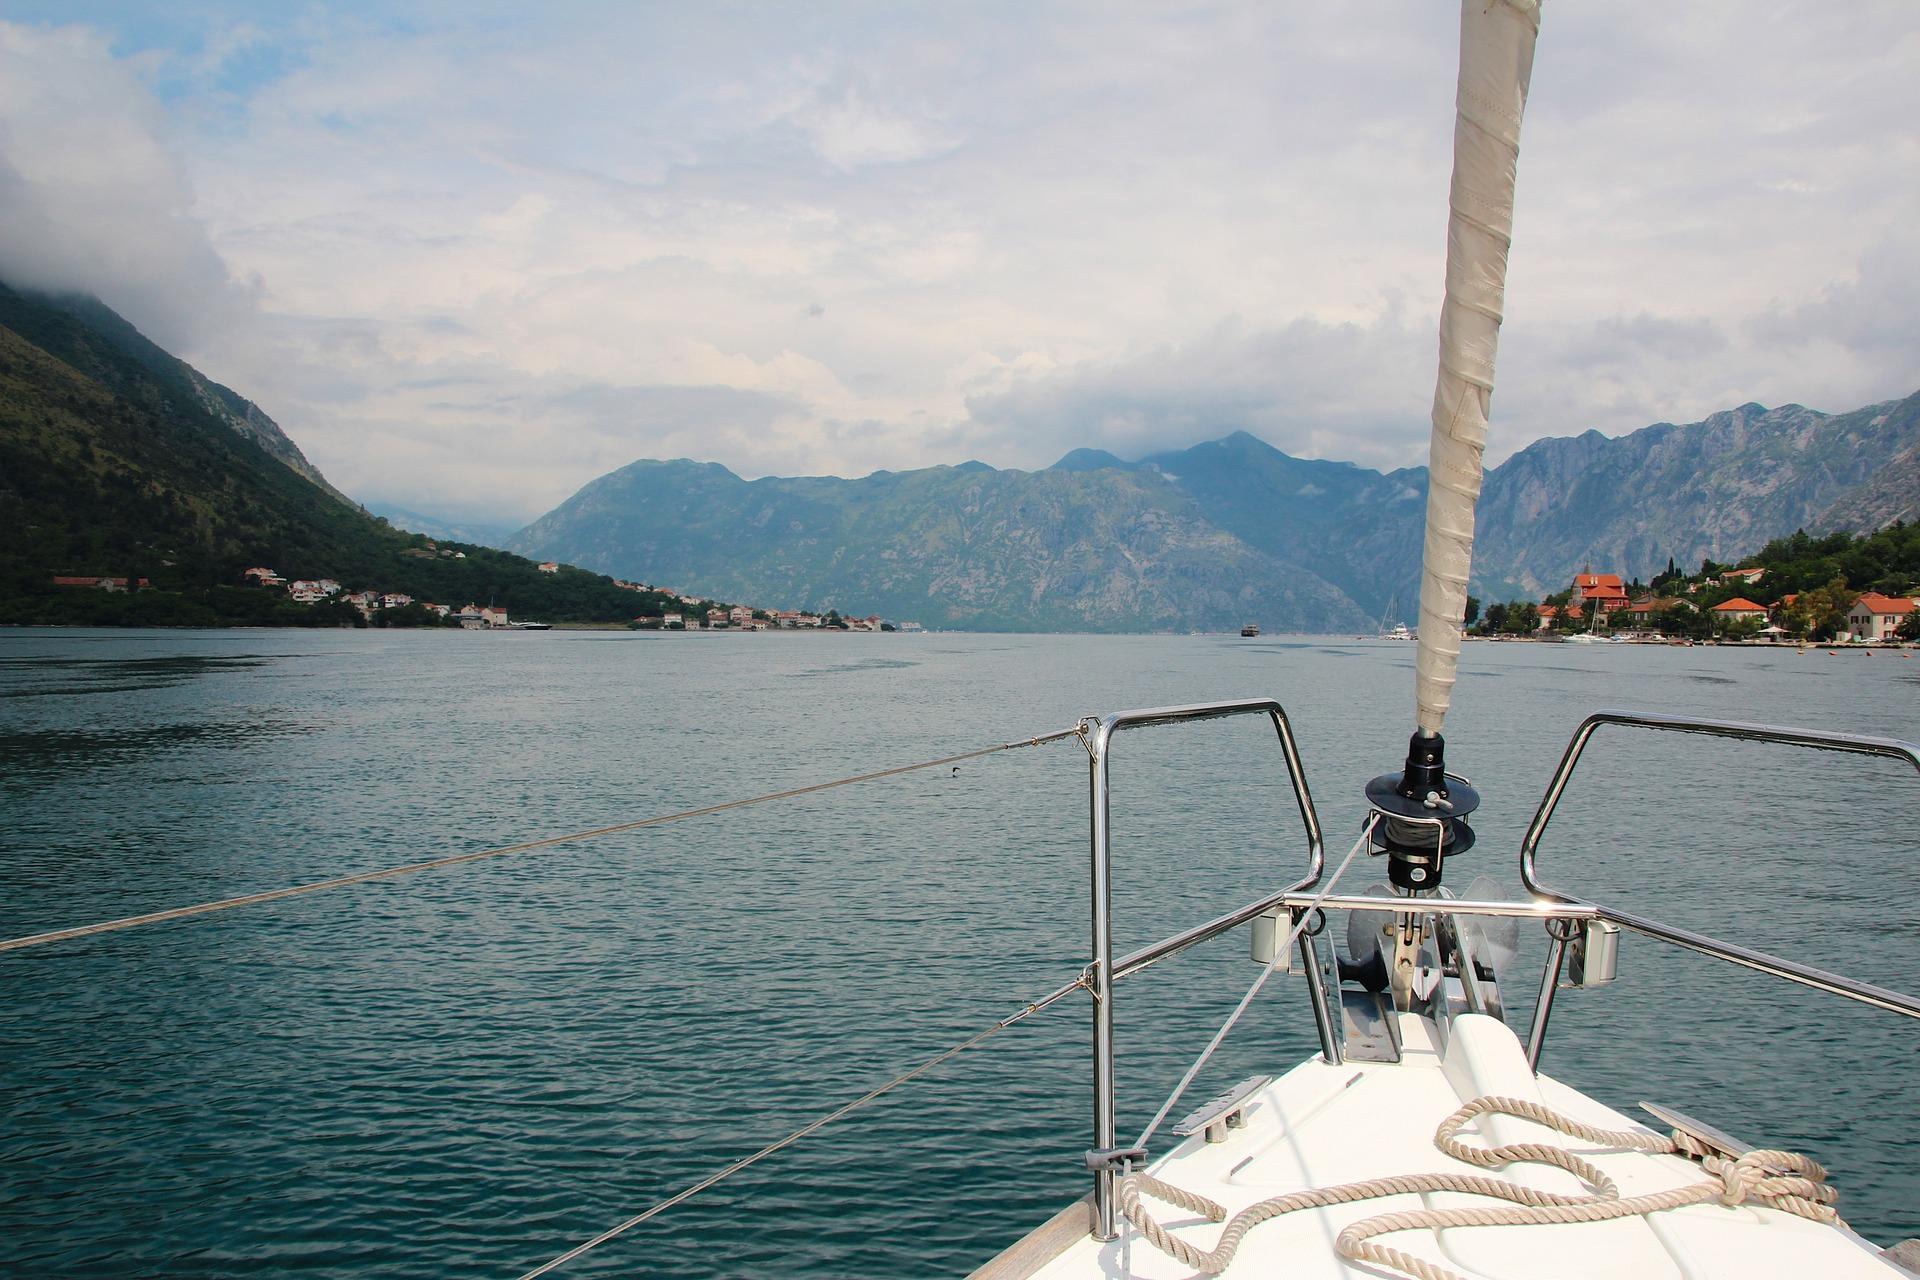 sailing-boat-1028489_1920